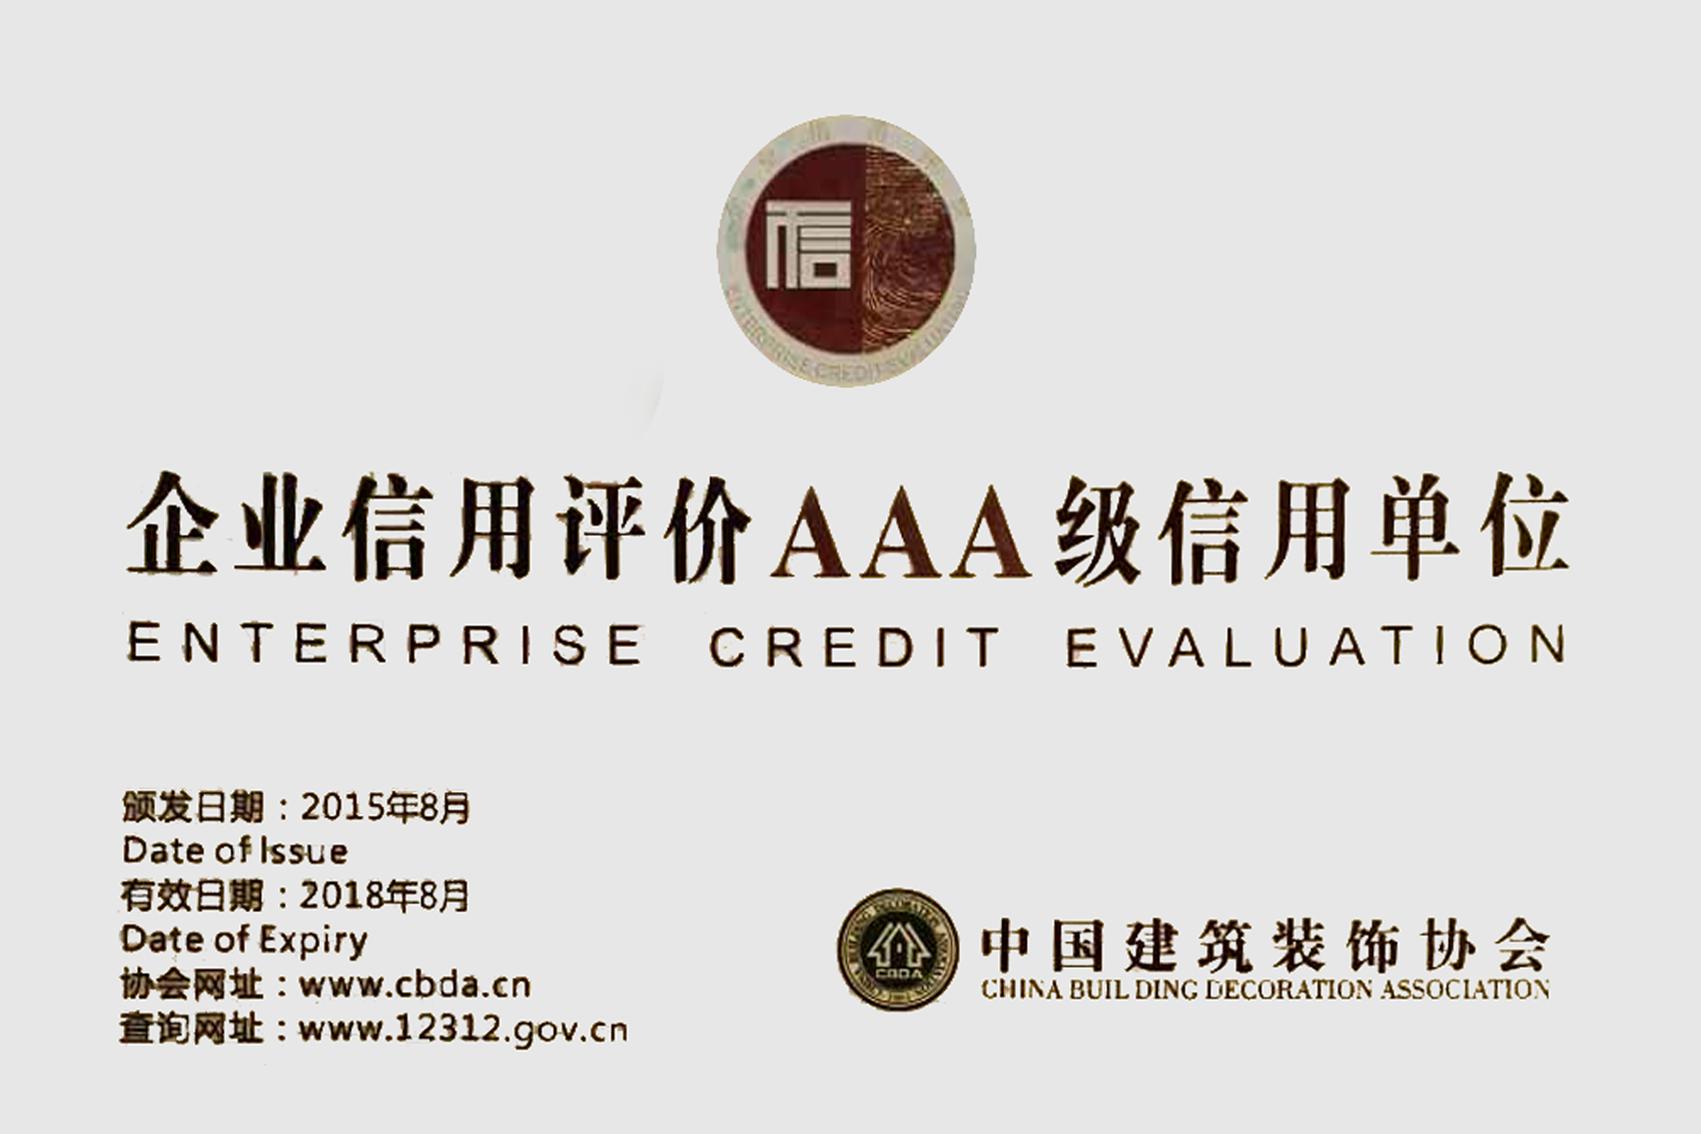 中装协企业评价AAA级信用单位